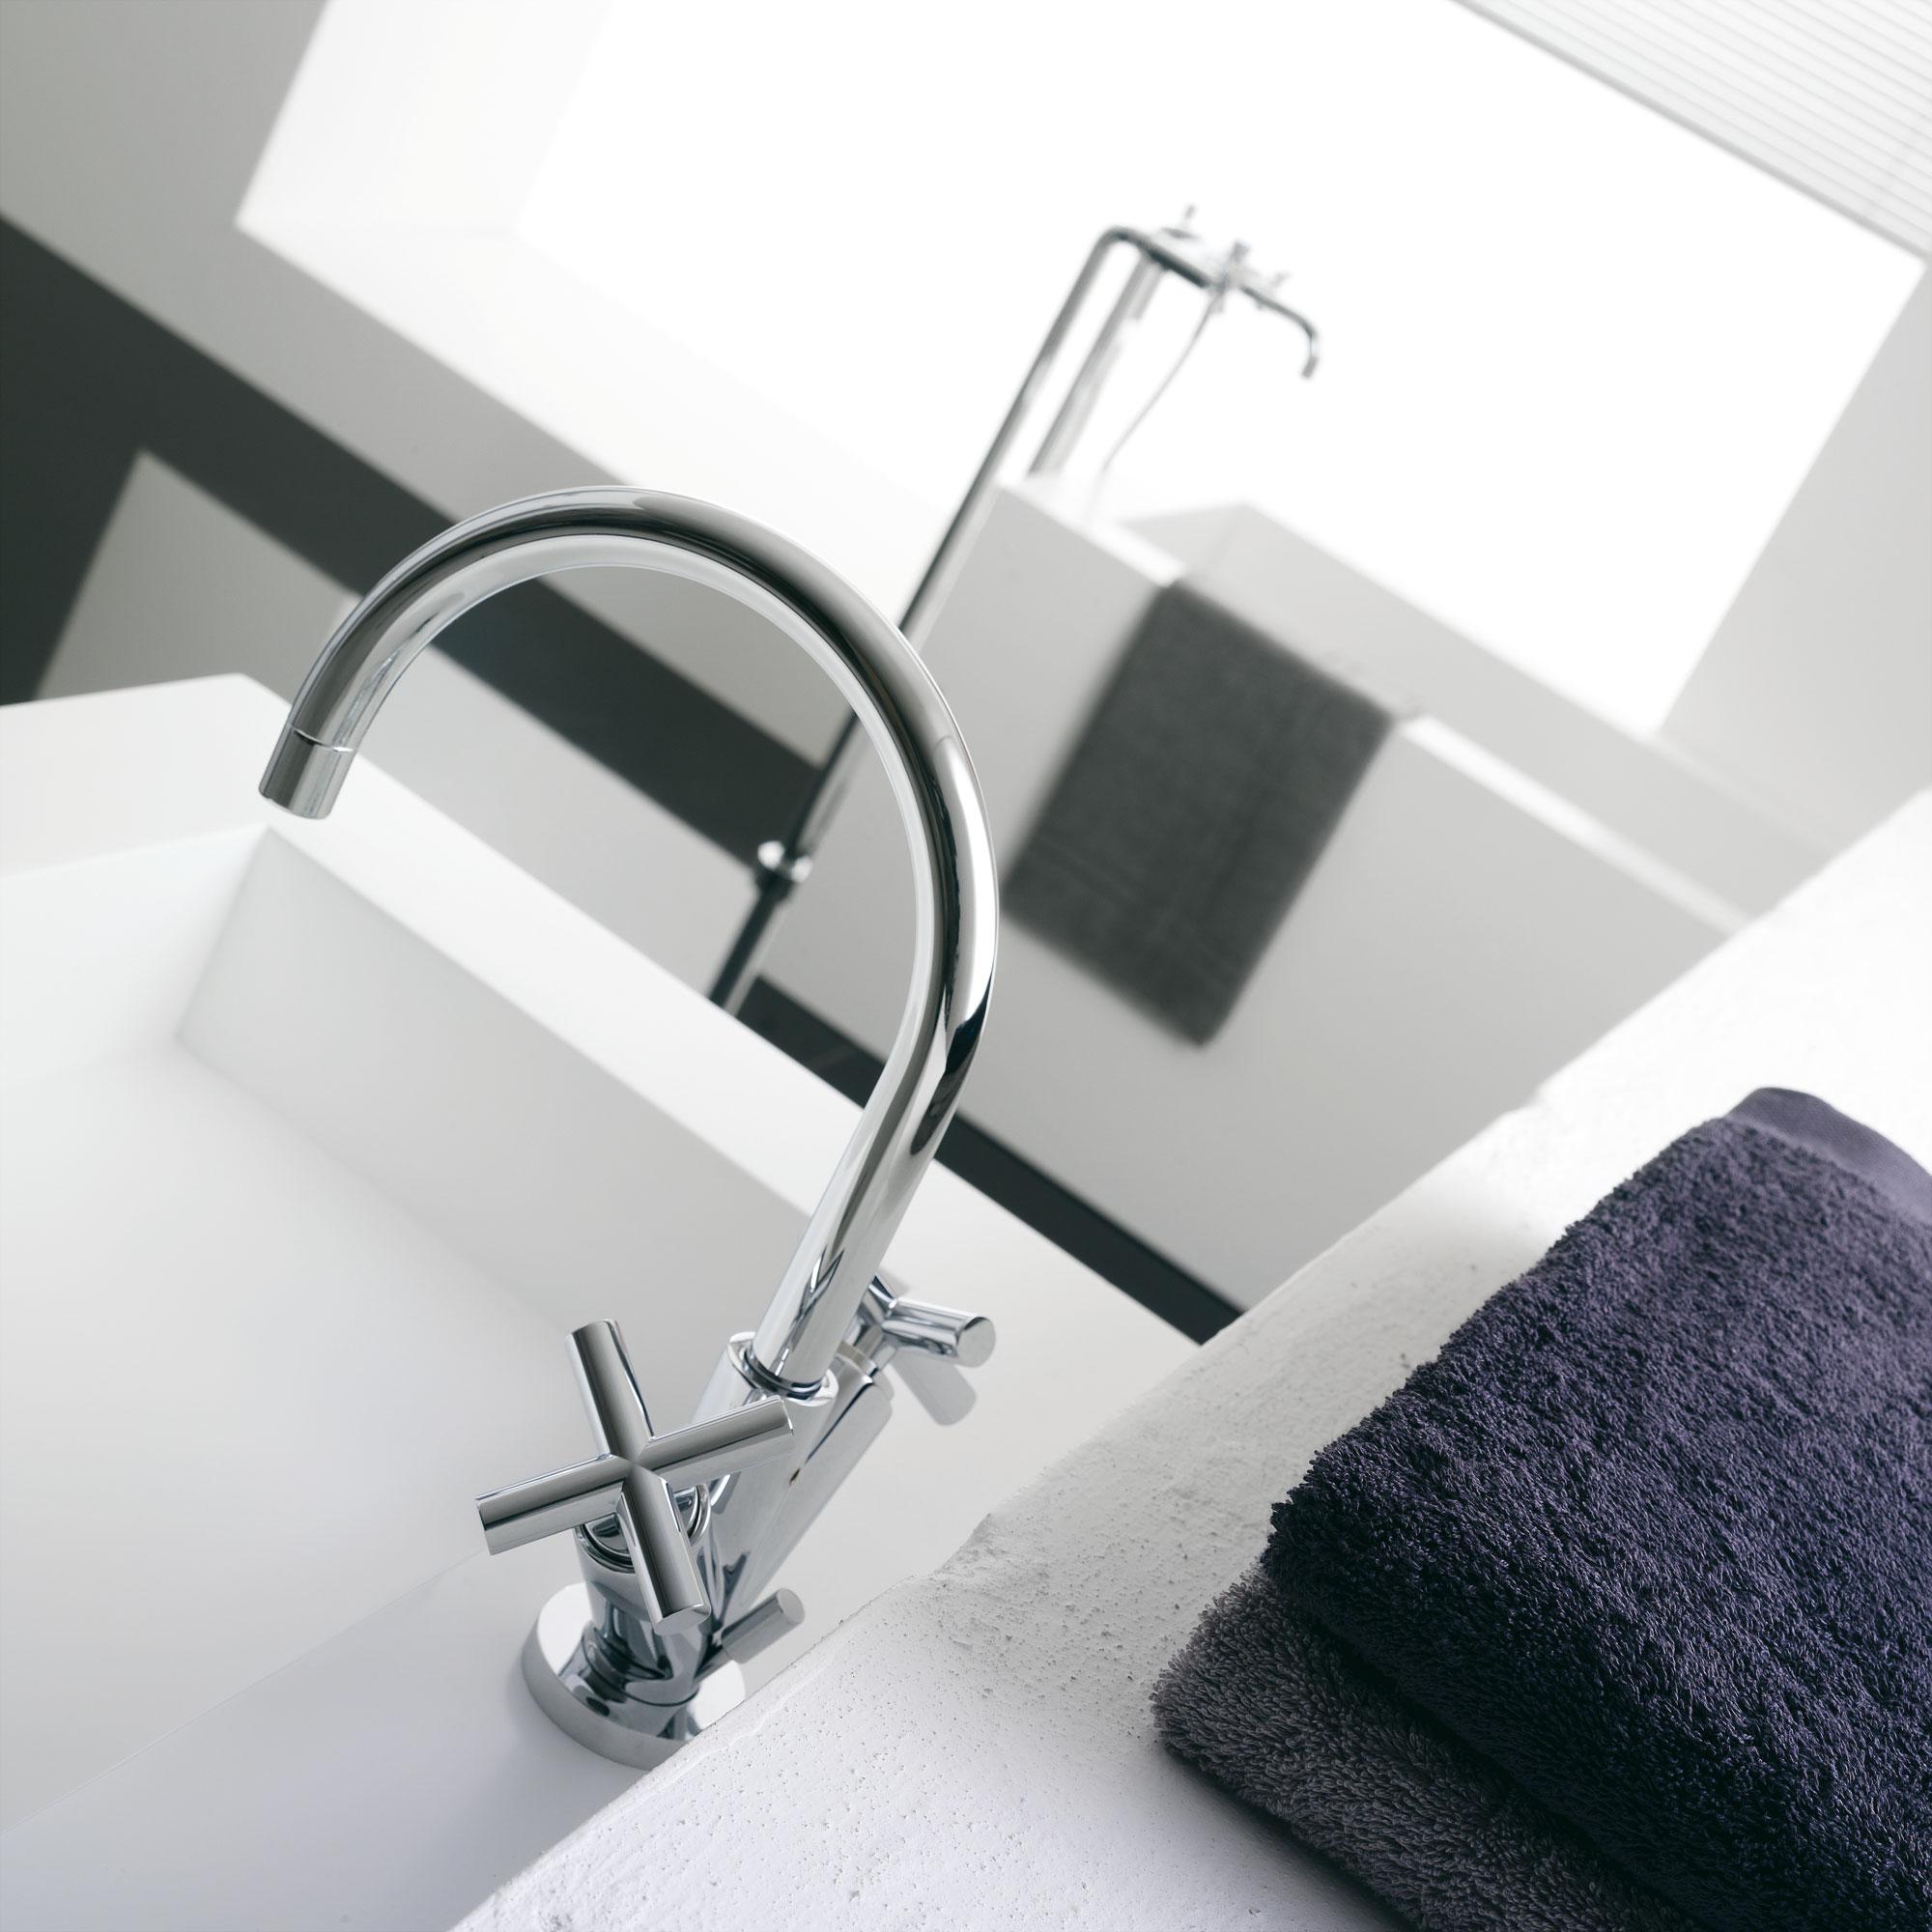 Waschbecken und badezimmer armaturen dada - Badezimmer armaturen ...